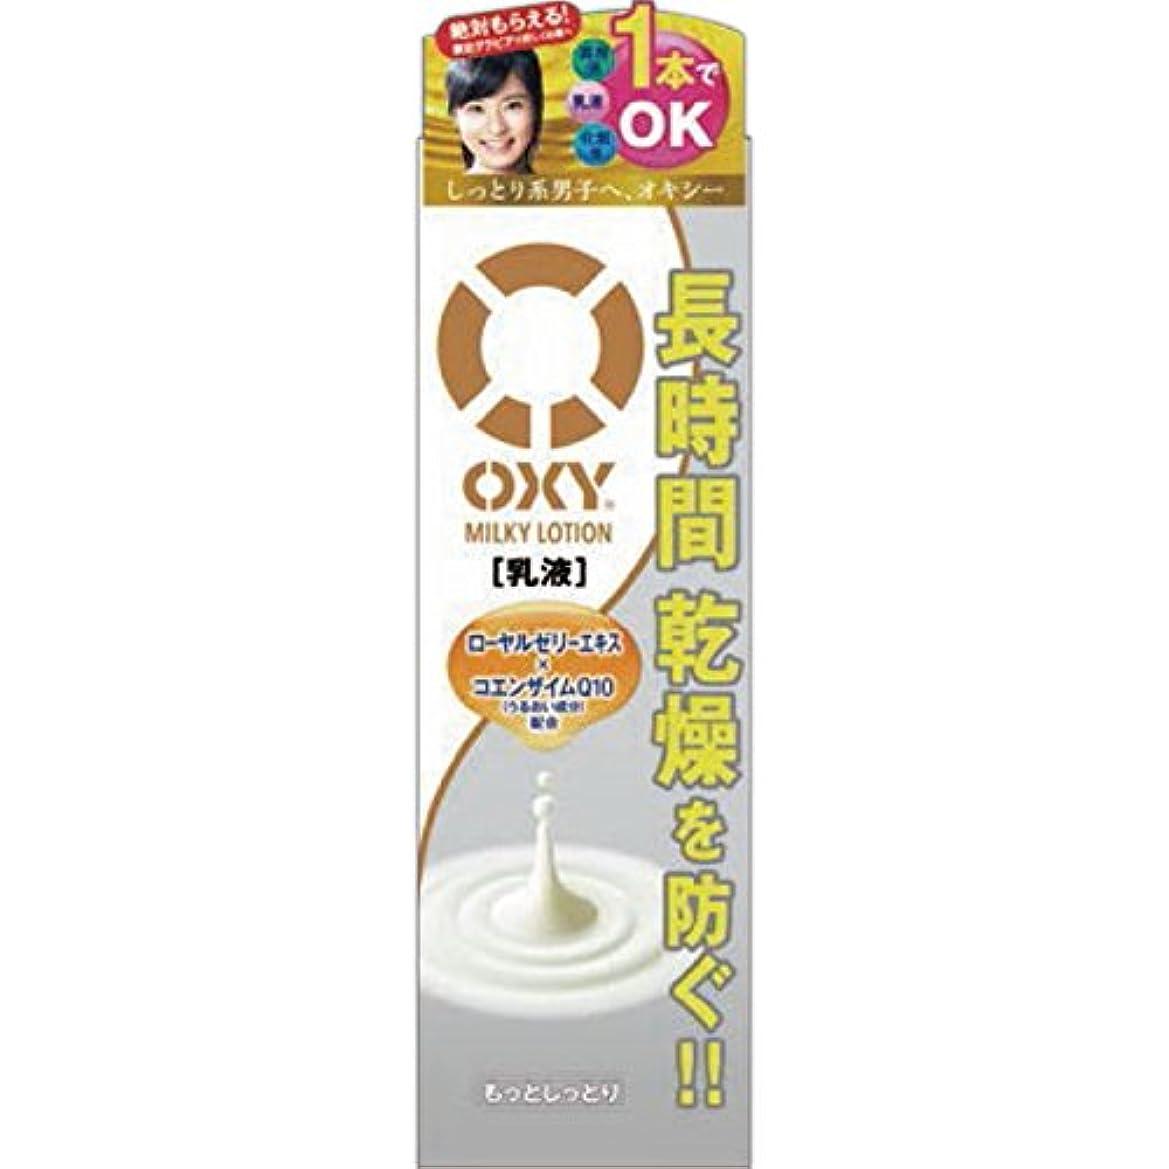 有料サワーカウントオキシー (Oxy) ミルキーローション オールインワン乳液 スーパーヒアルロン酸×ローヤルゼリー配合 ゼラニウムの香 170mL